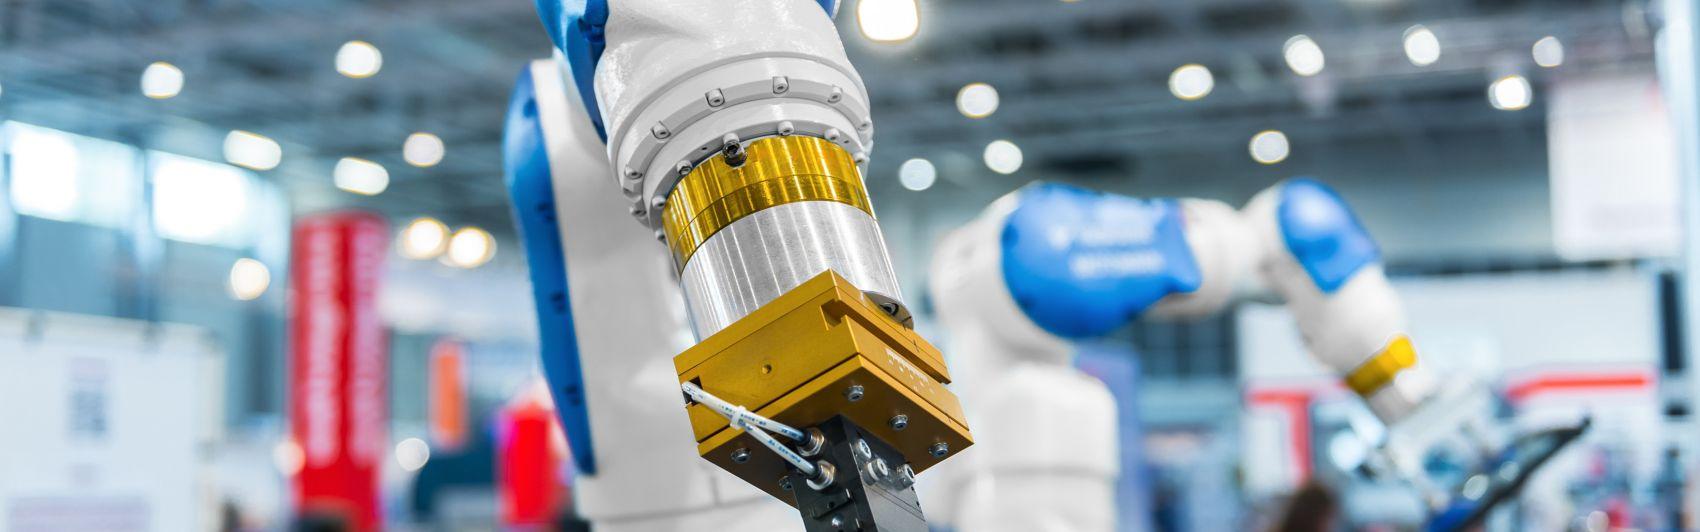 Industrie und Innovation